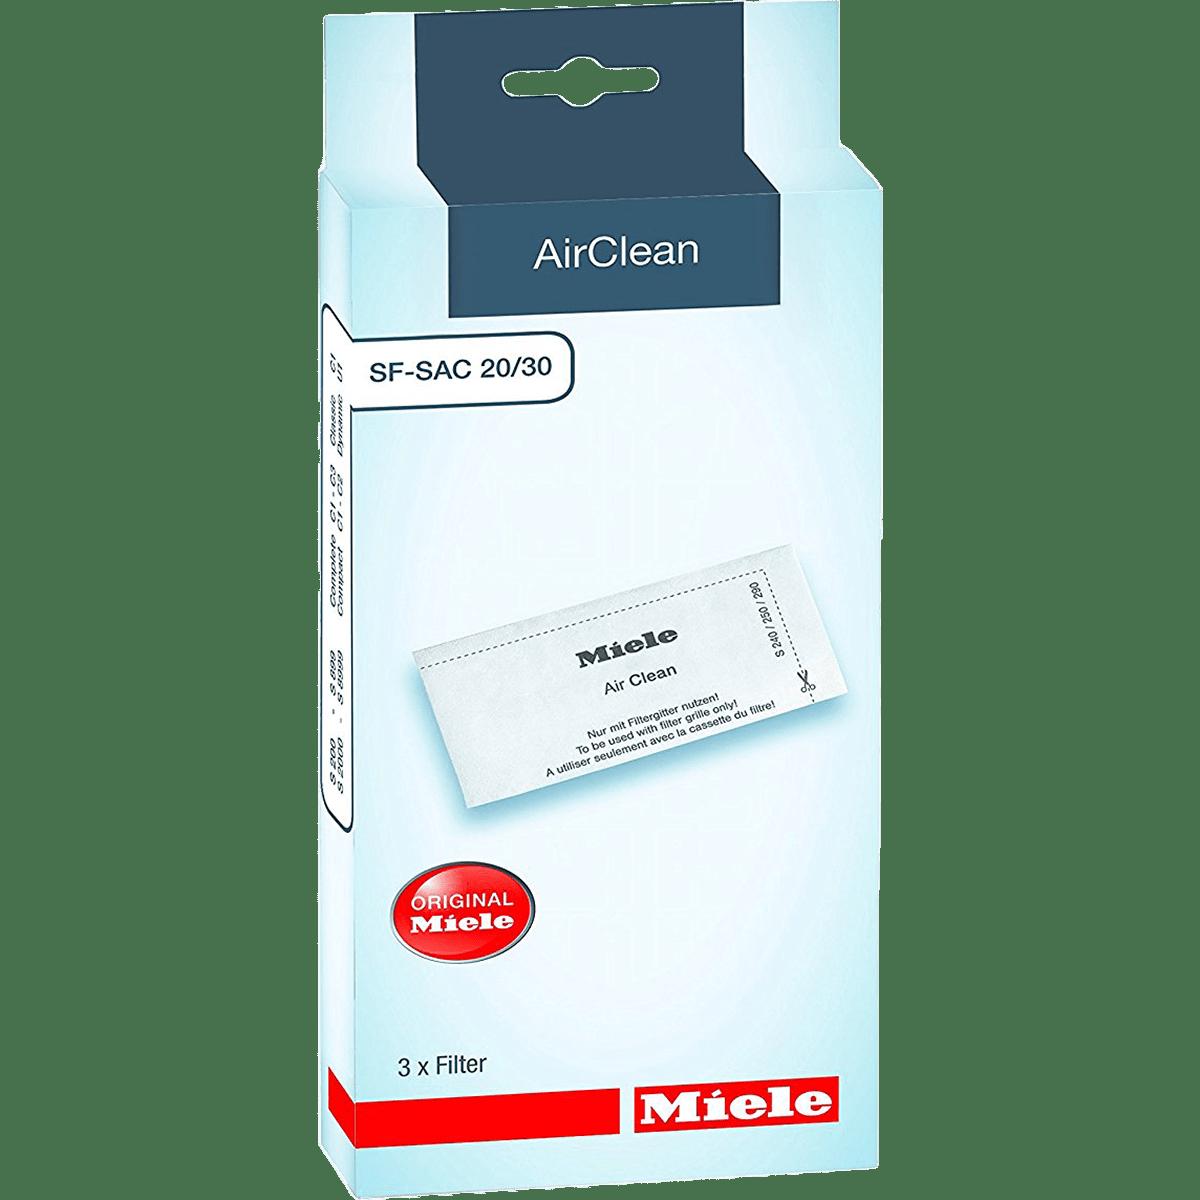 Miele SF-SAC 20/30 AirClean Filter mi2267